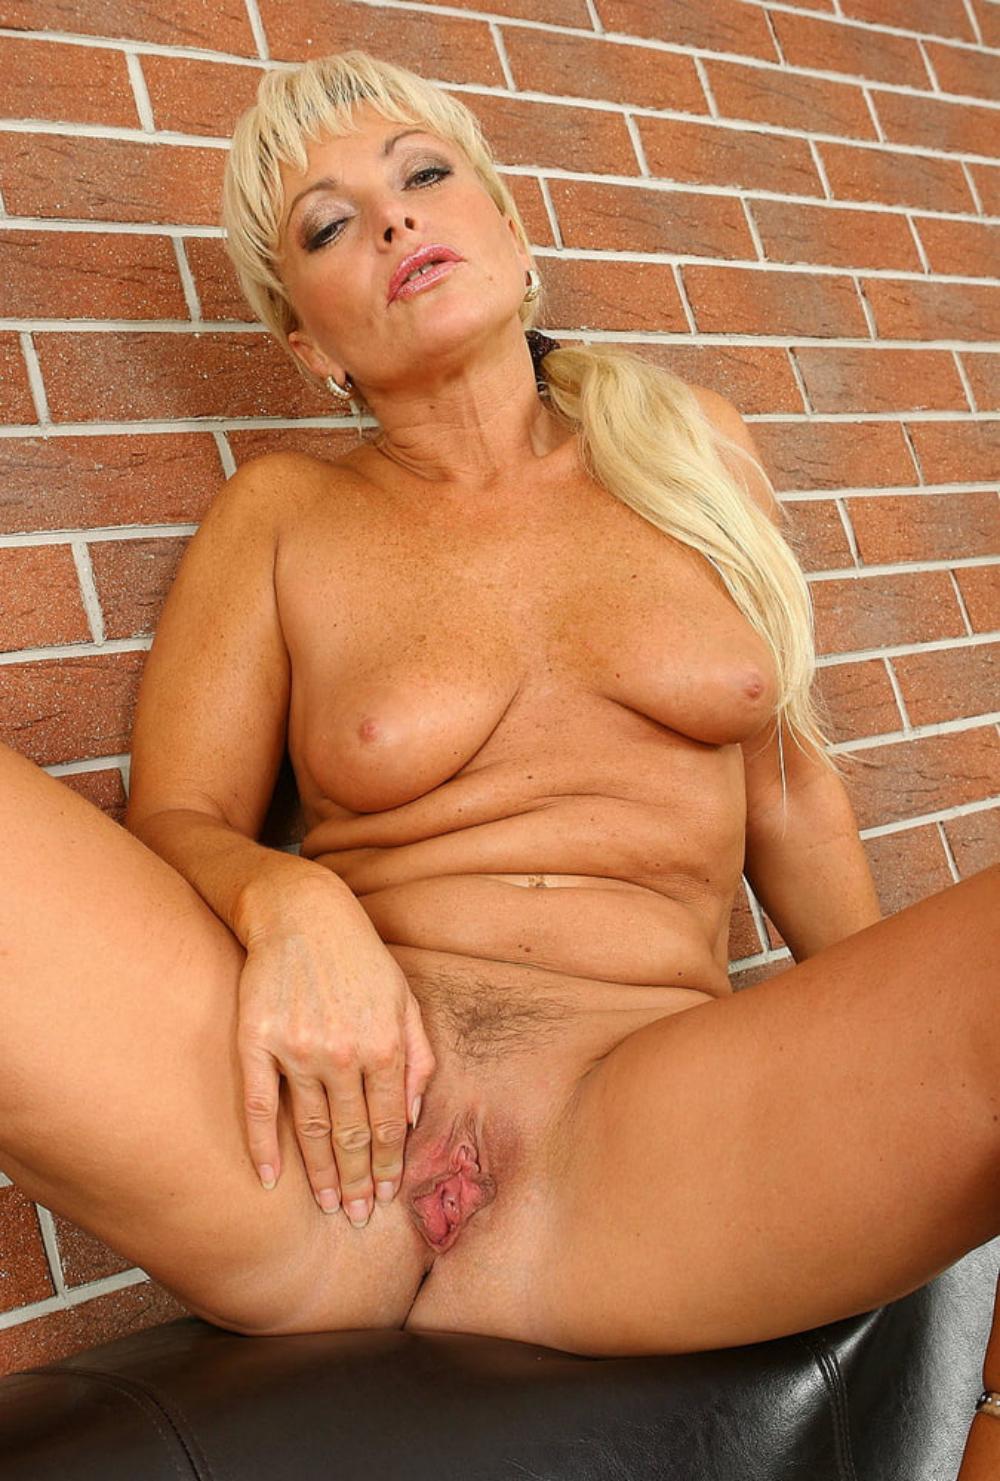 Красивые голые зрелые женщины блондинка с длинным волосом сидит широко раздвинув ноги показывая свою возбужденную ждущую хуя пизду